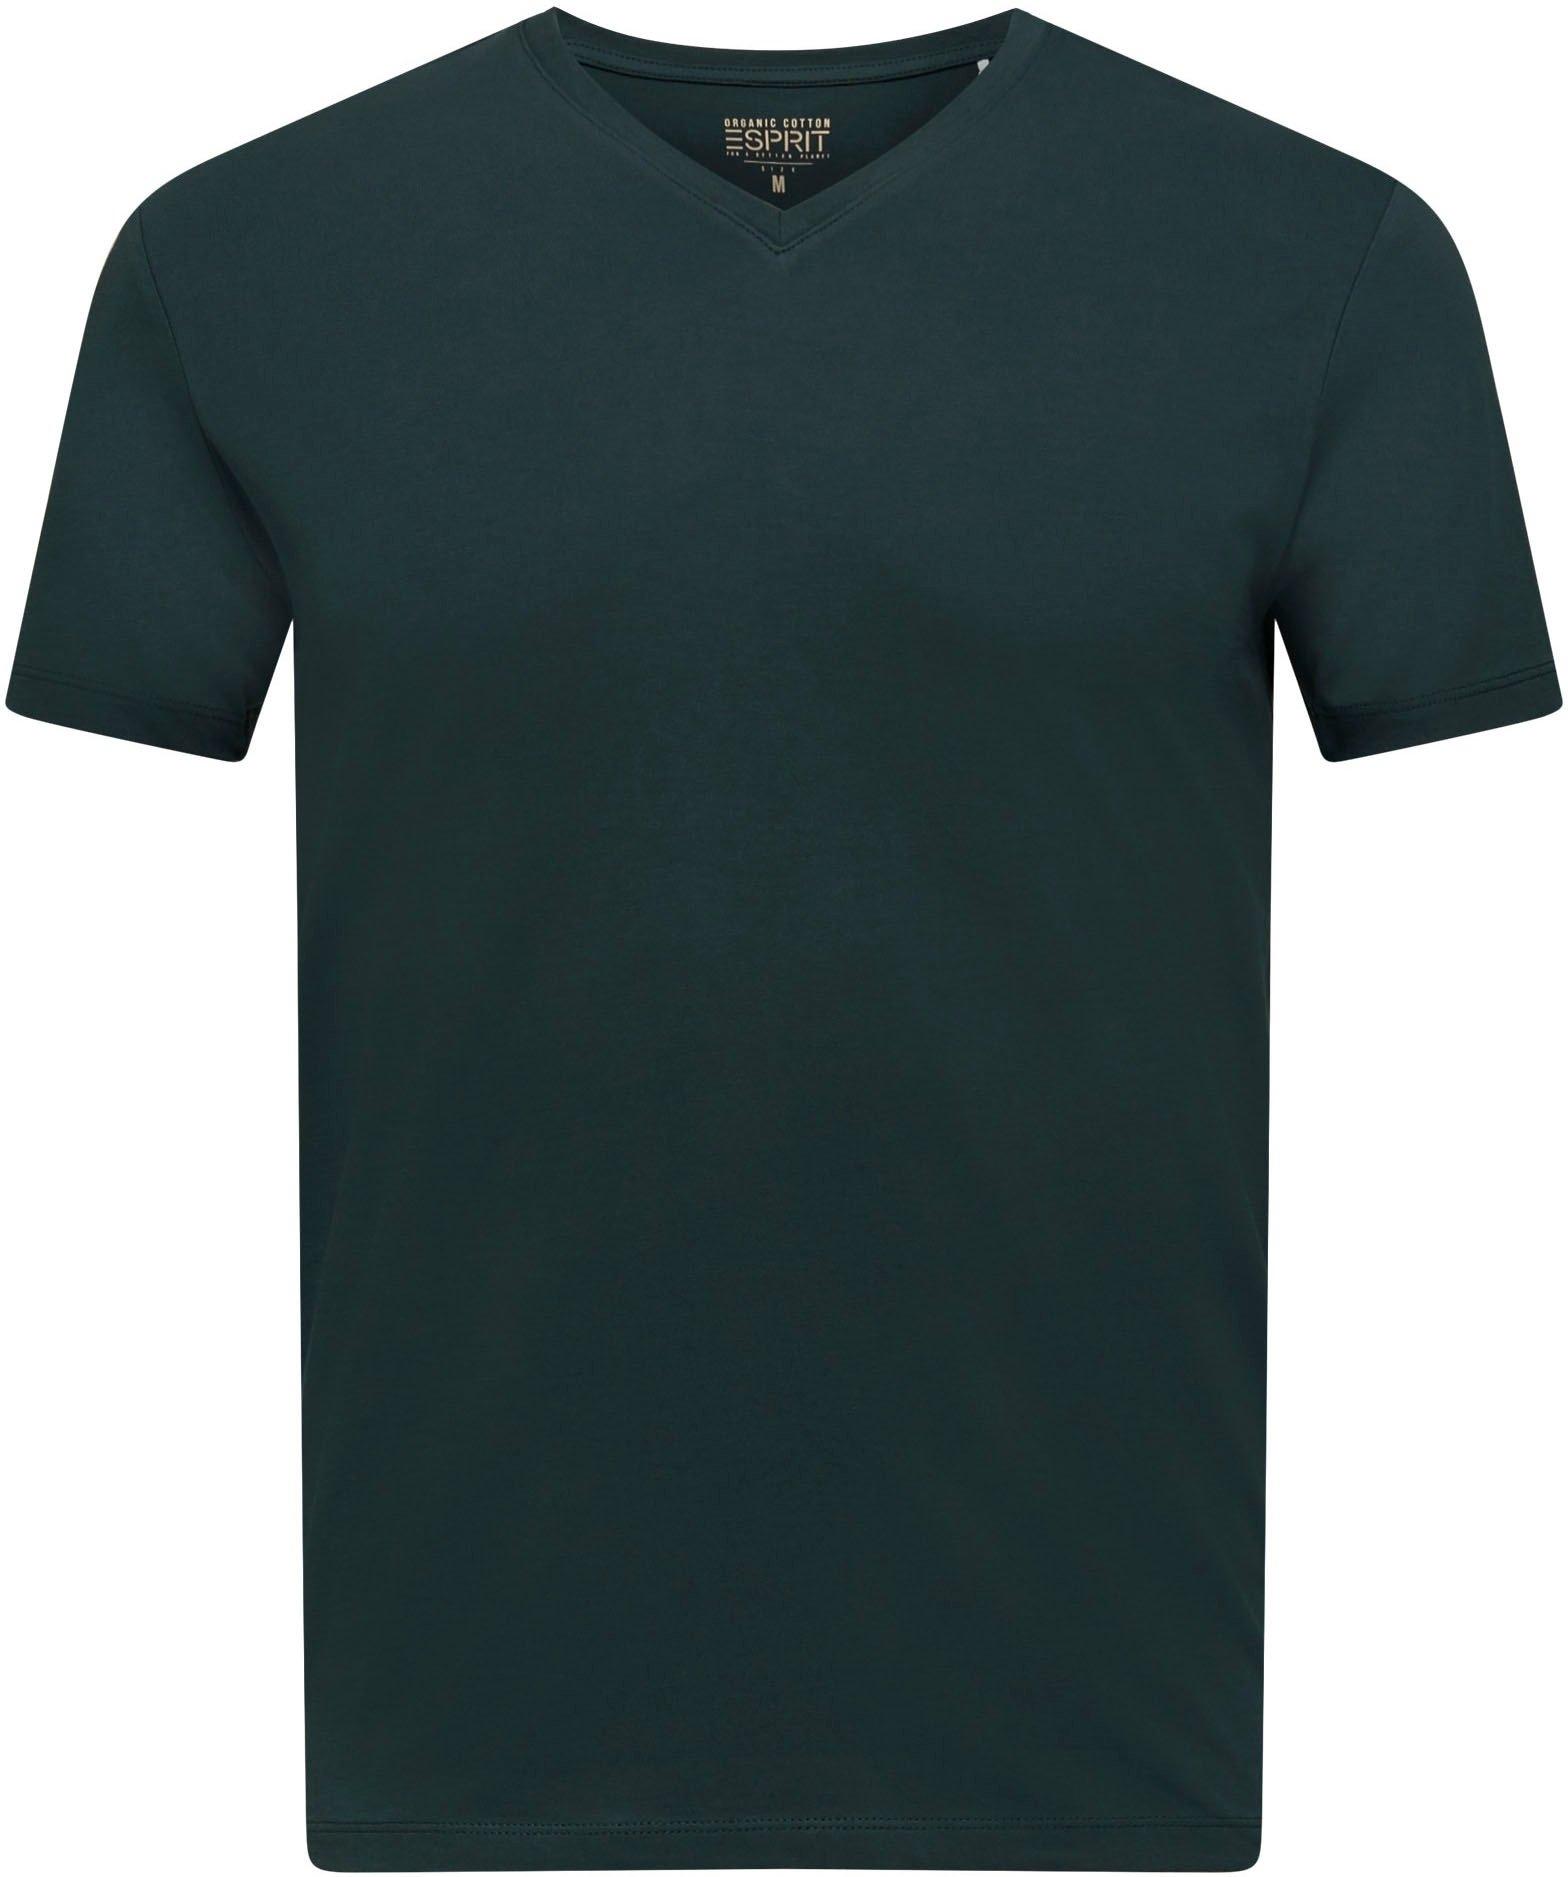 Esprit T-shirt met v-hals goedkoop op otto.nl kopen